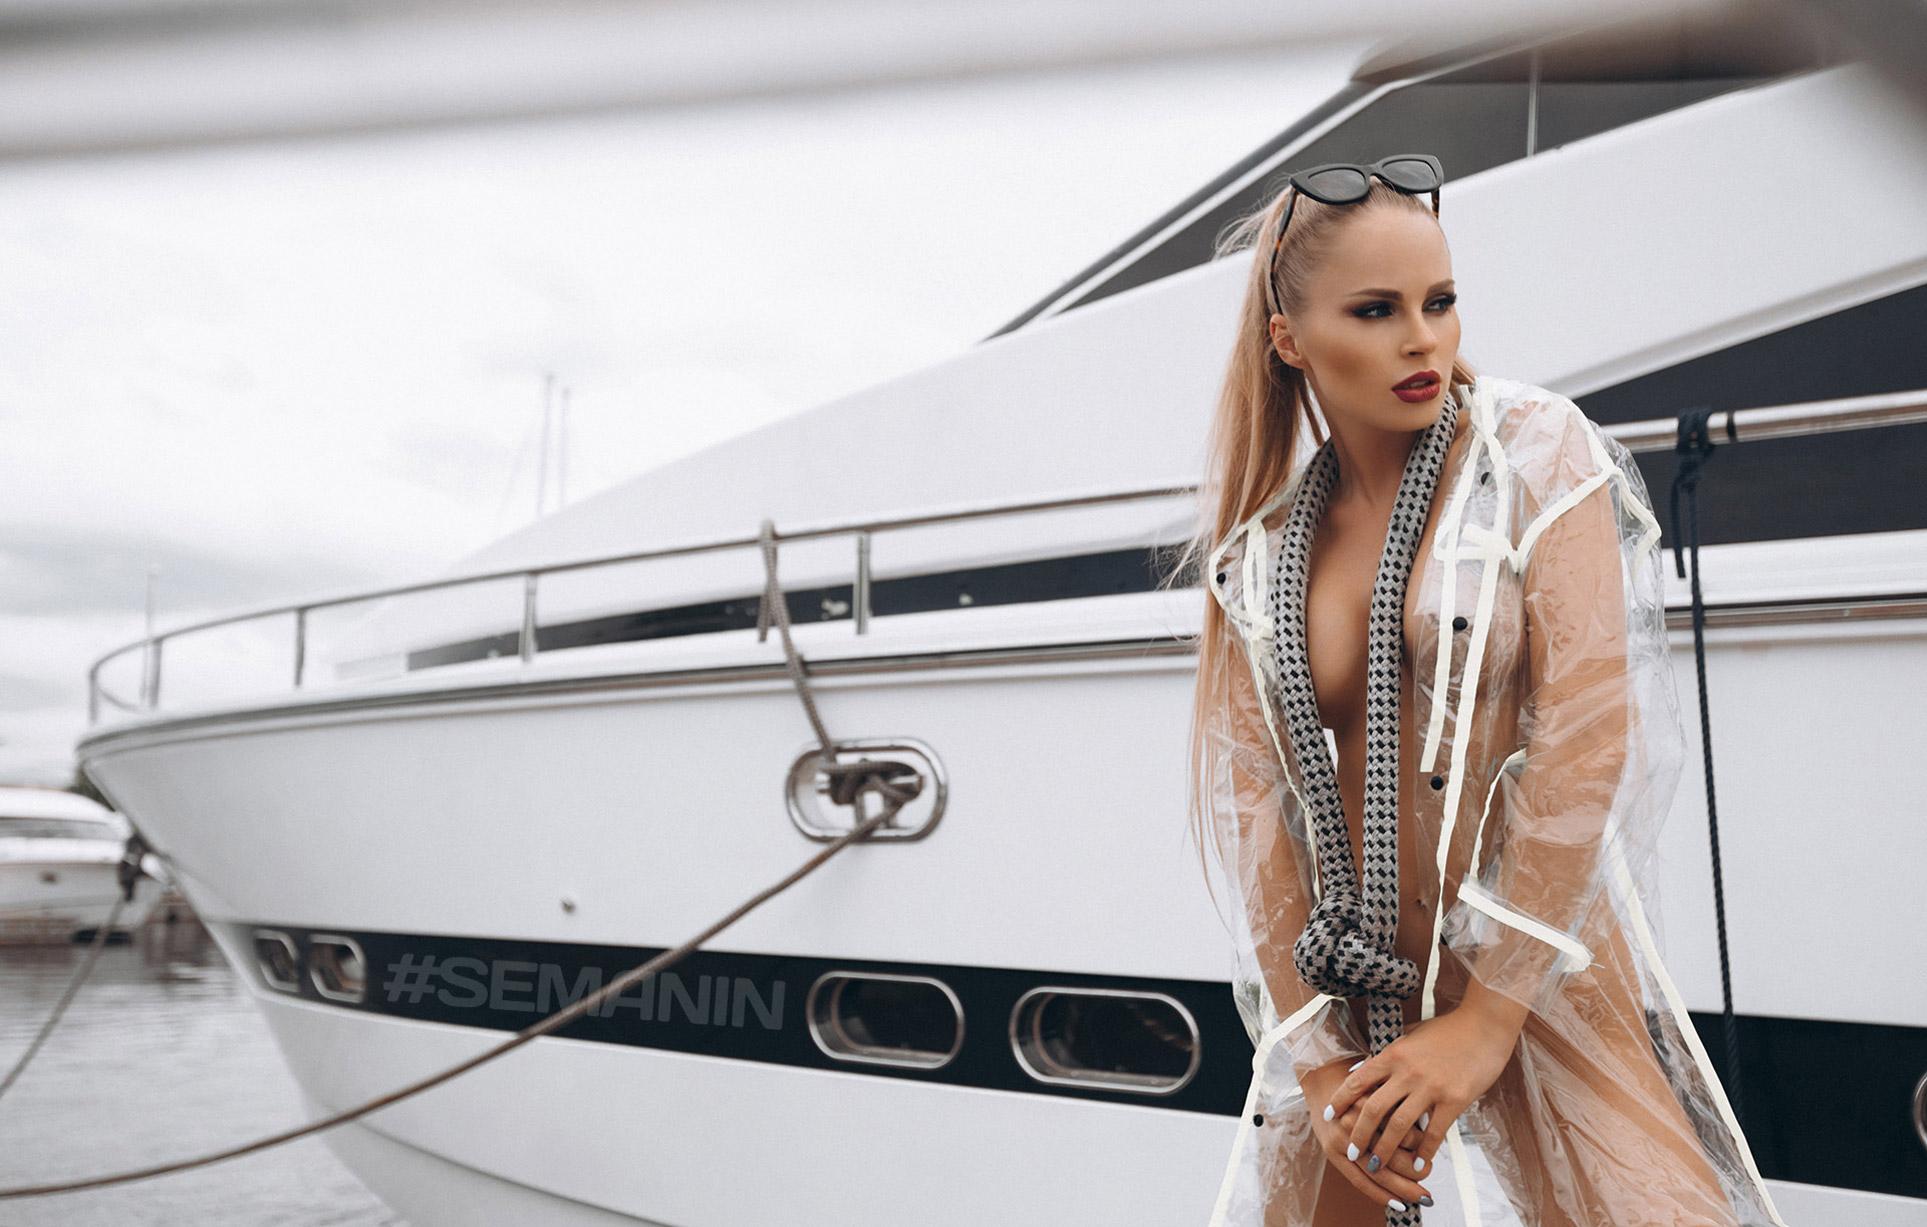 Надя Катаева - сексуальный капитан корабля / фото 01